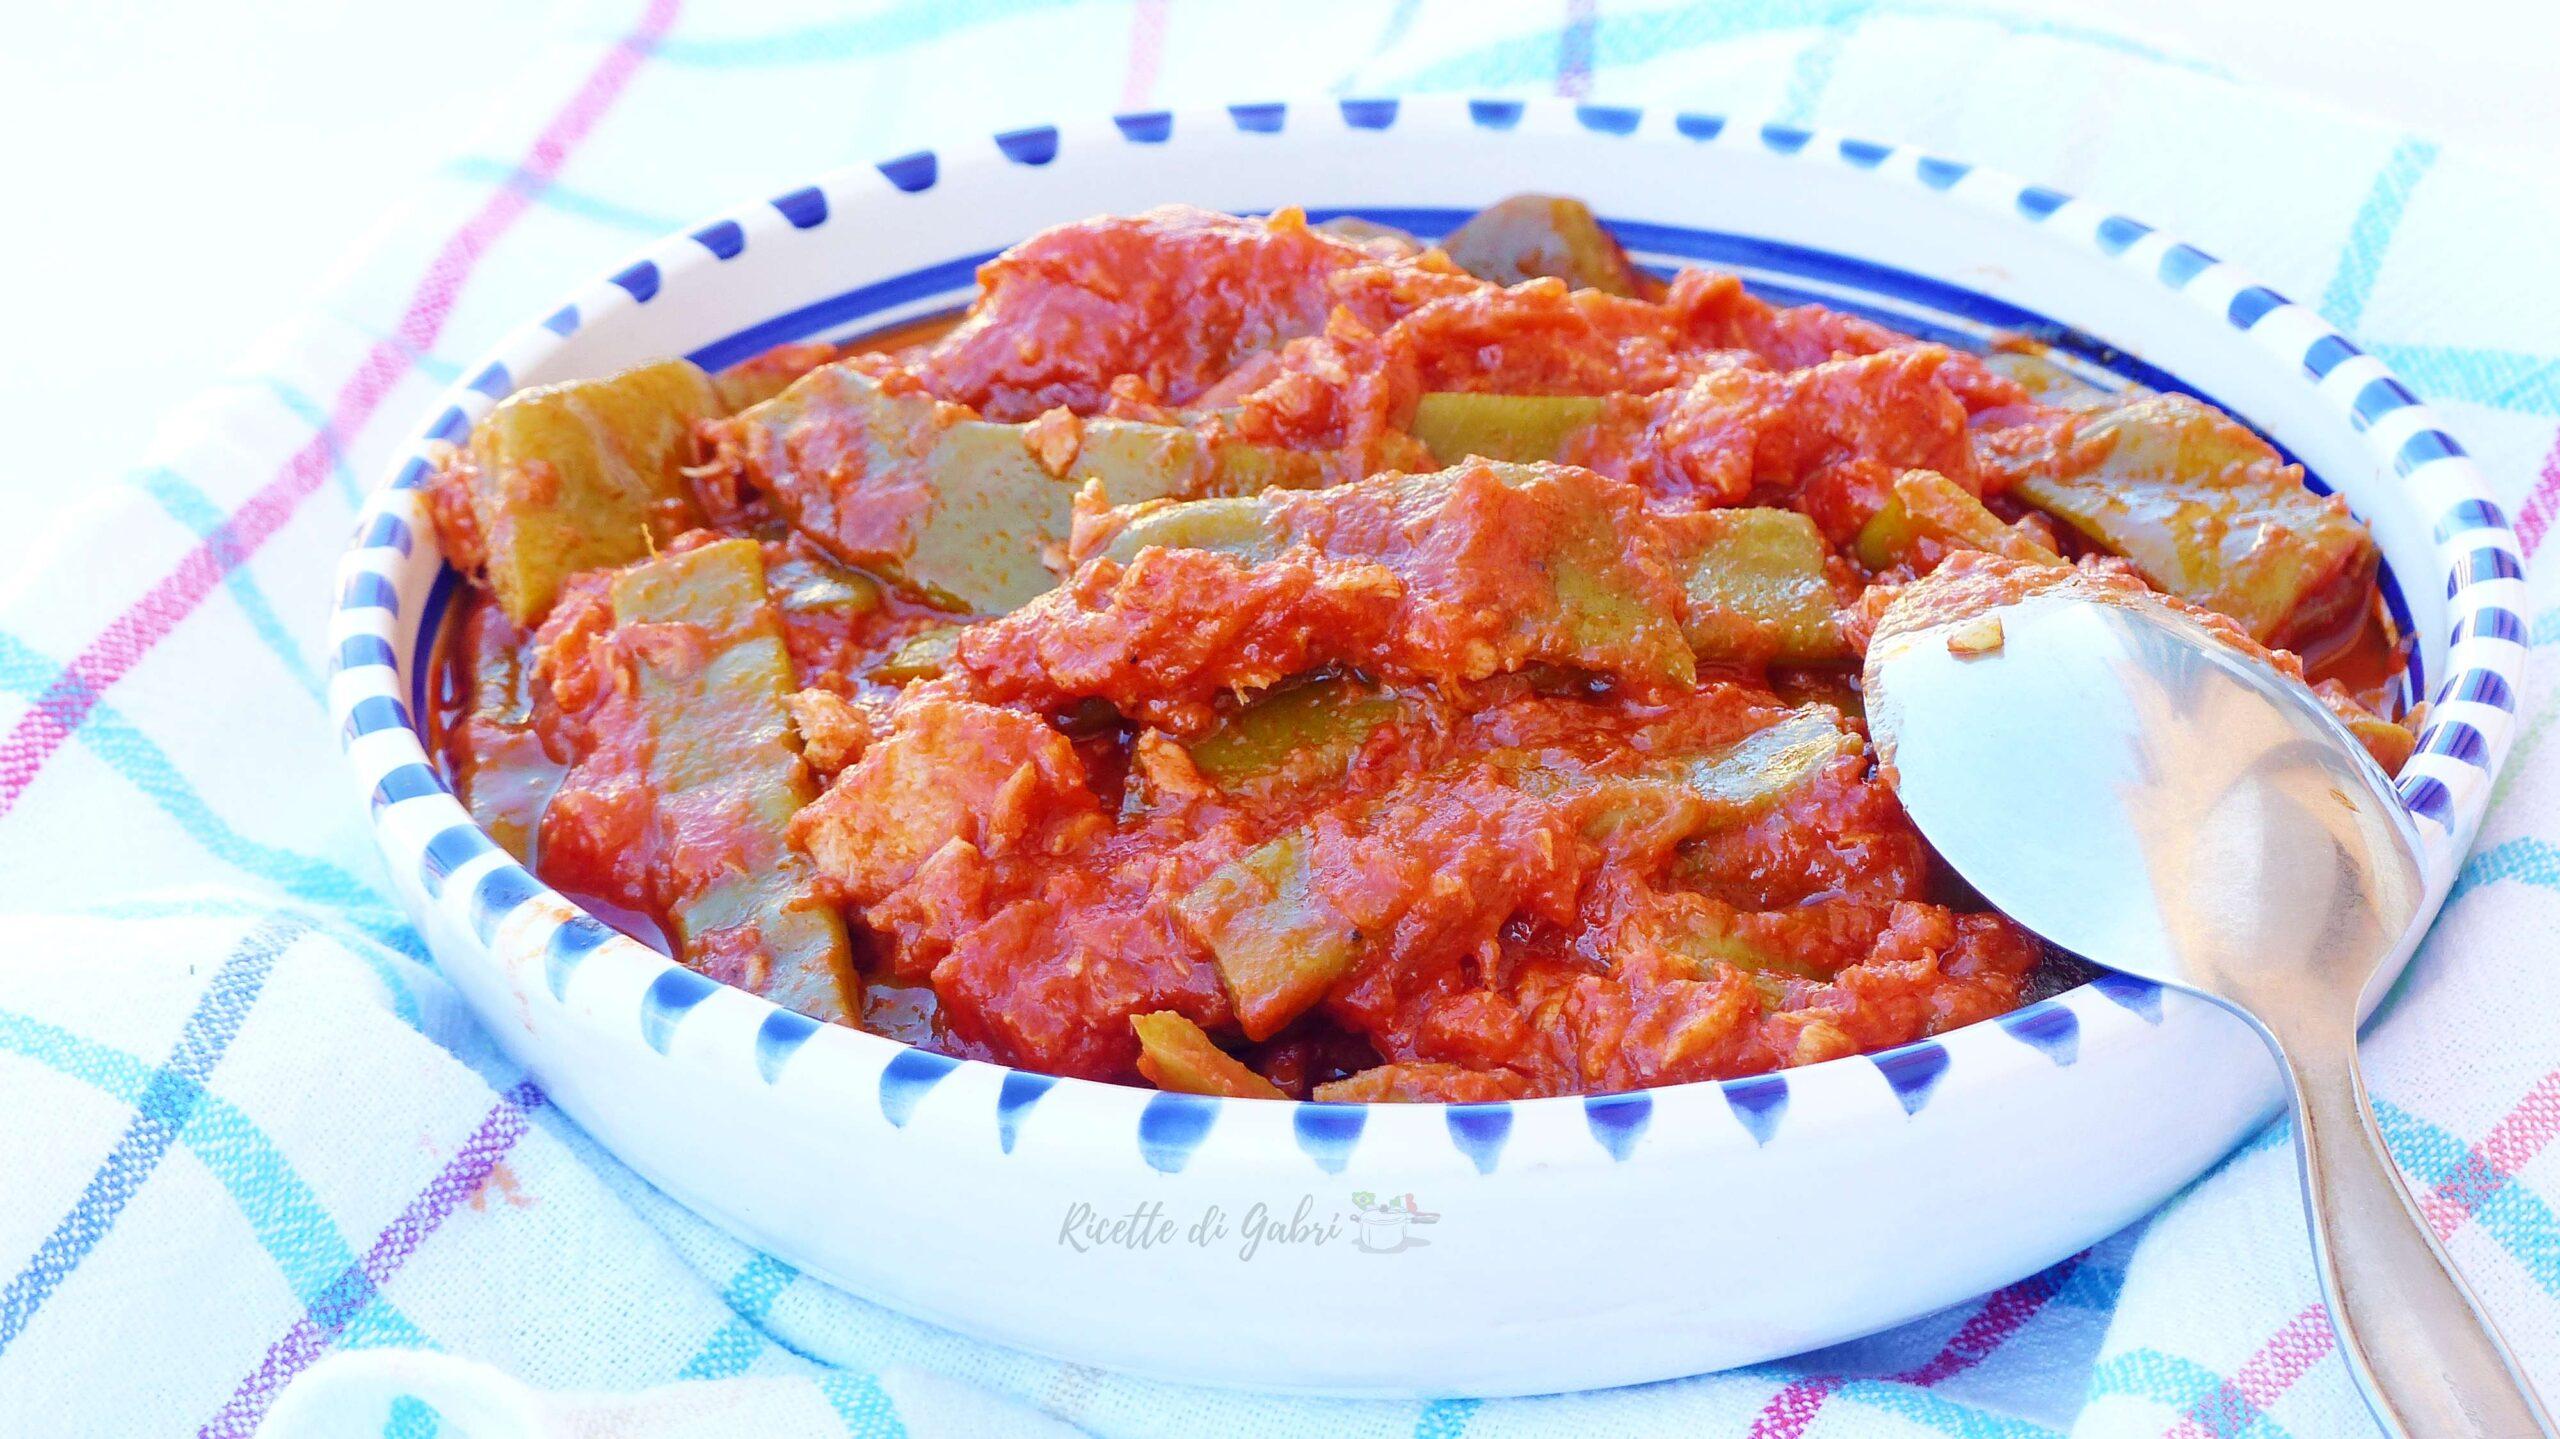 taccole al pomodoro senza lessare fagioli piattoni ricette facili veloci gabri contorni